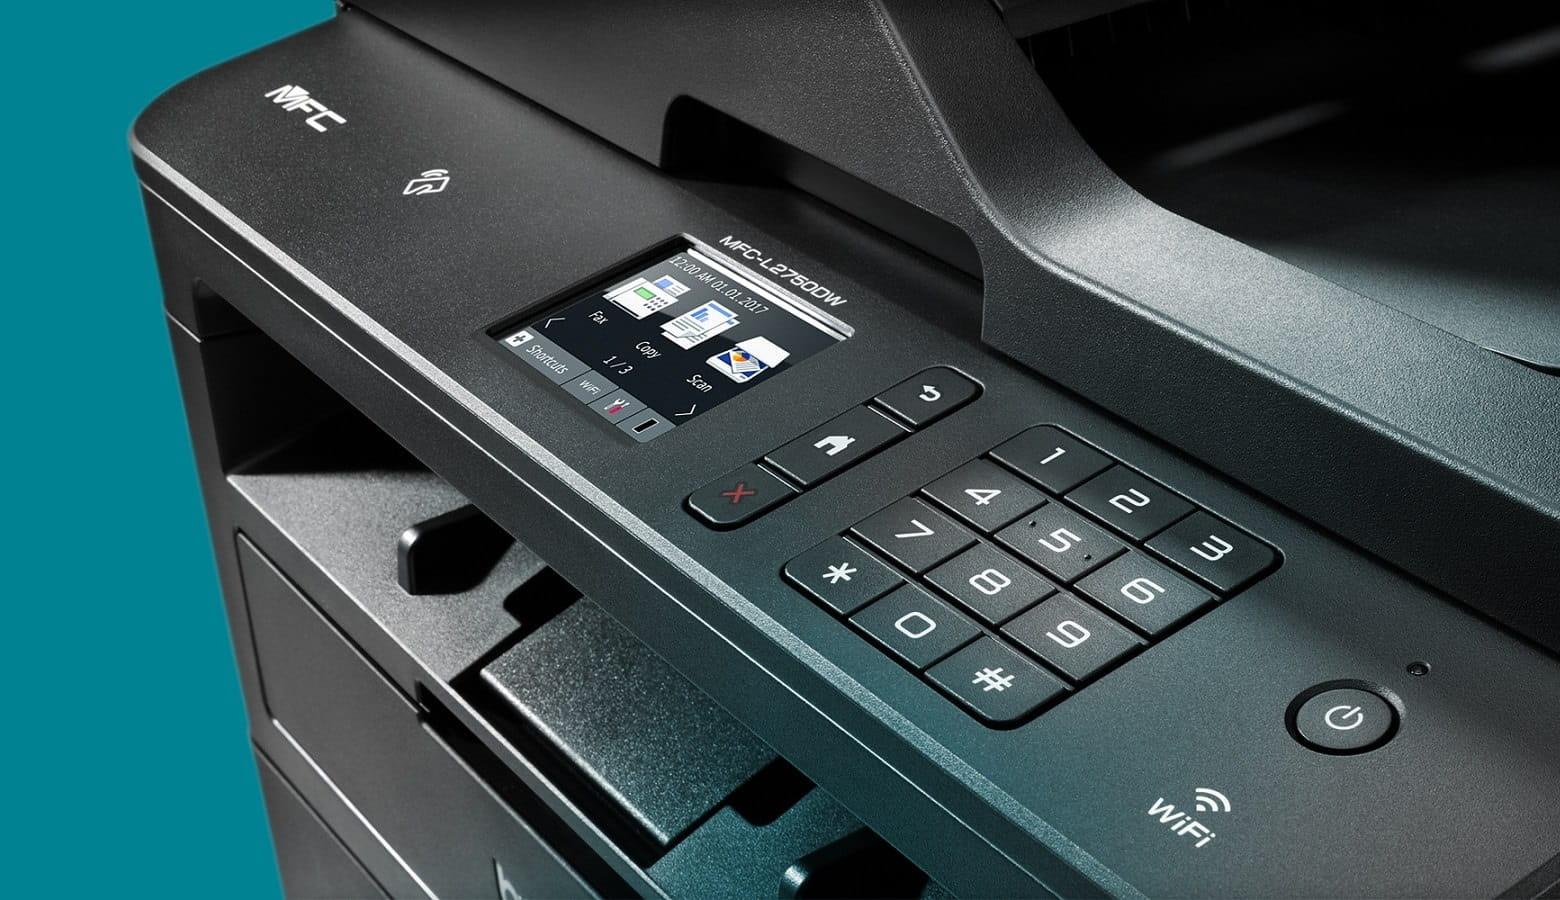 Dettaglio del display touchscreen della nuova stampante multifunzione laser Brother MFCL2750DW